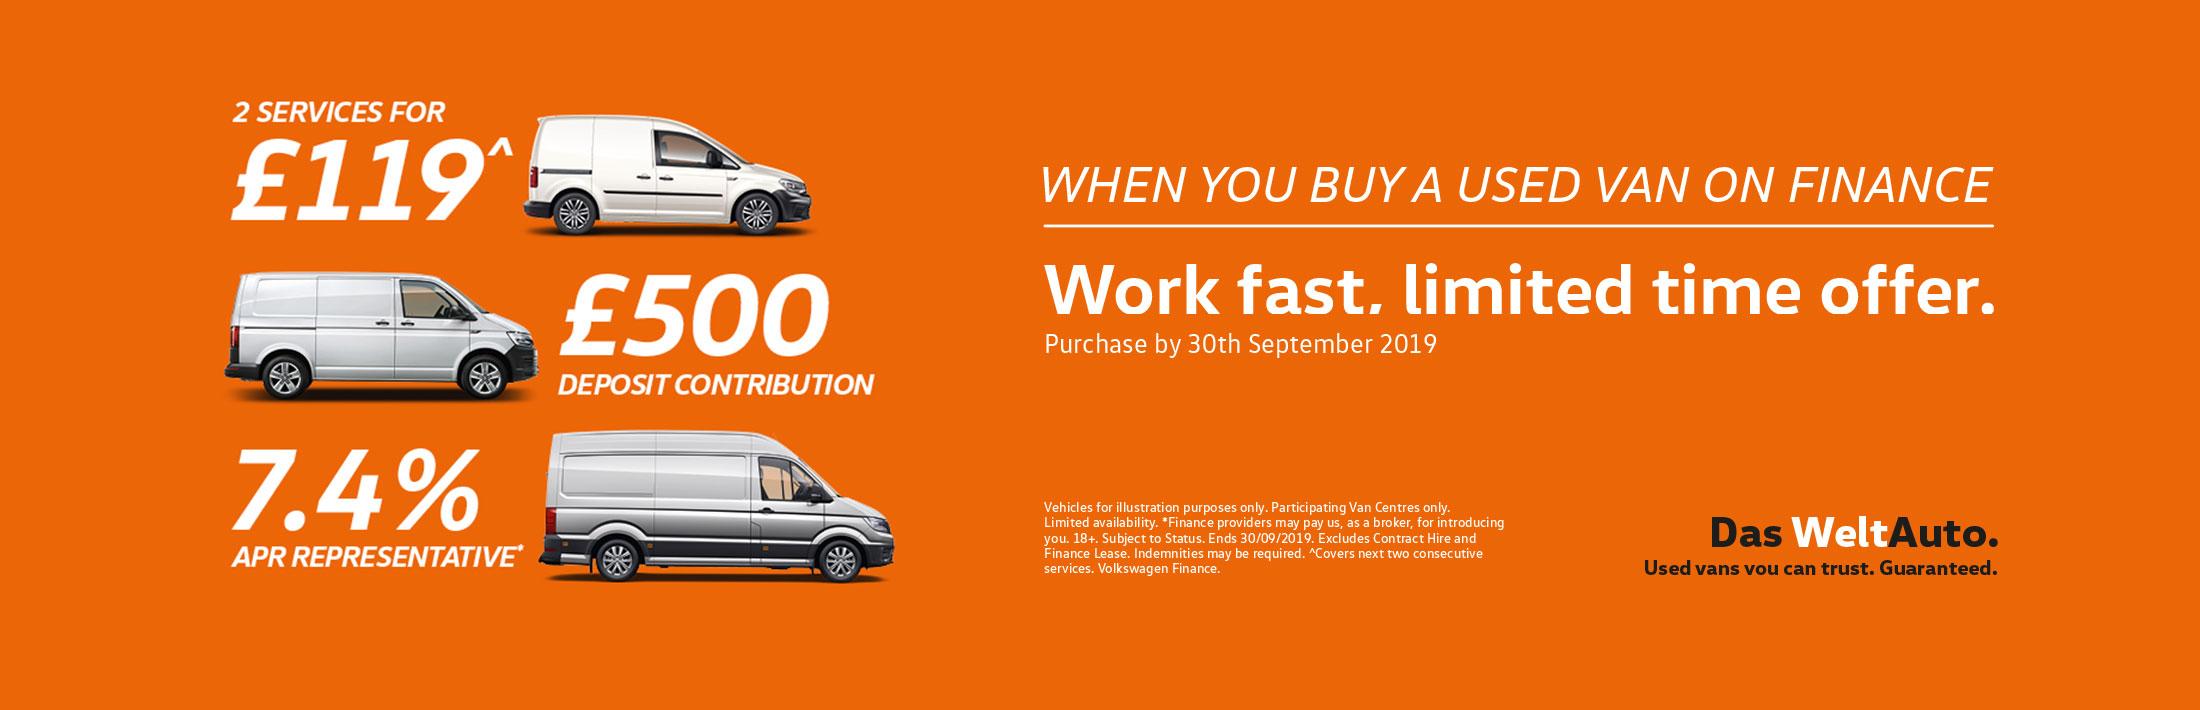 VW Van Offers